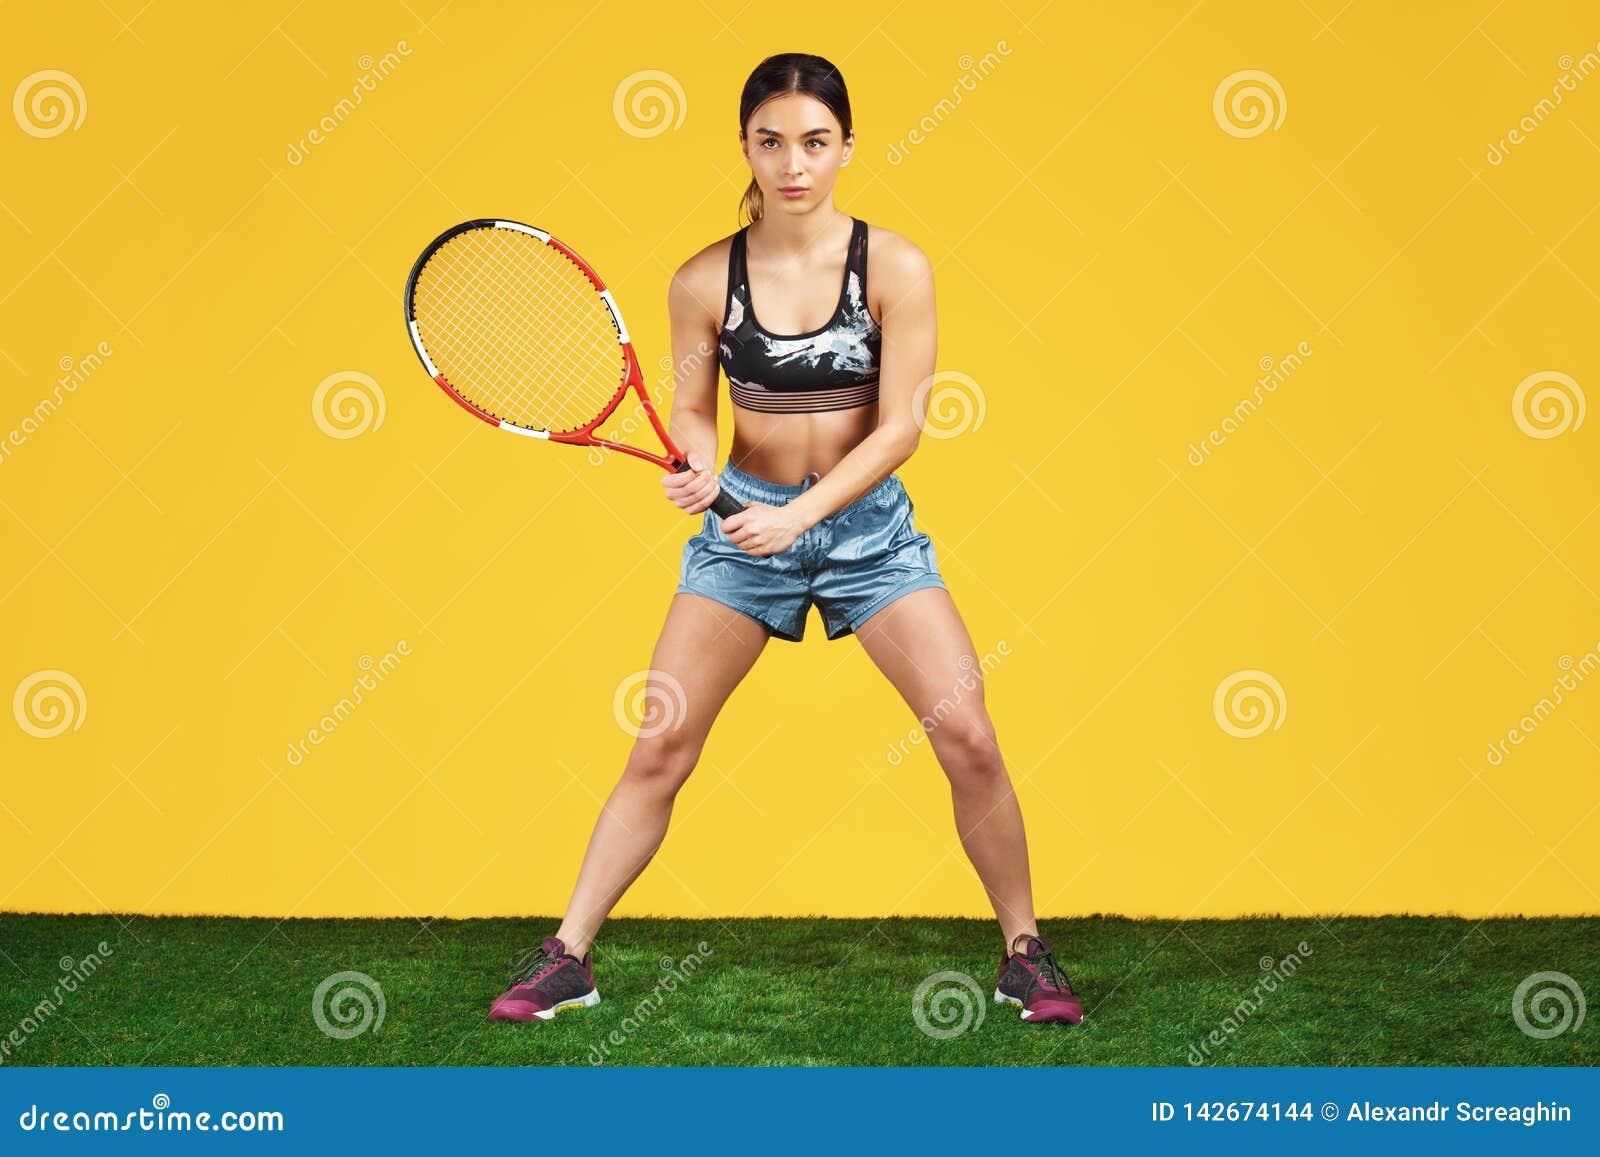 Przystojny sporty młoda kobieta gracz w tenisa gotowy strzelał piłkę z czerwonym racquet nad żółtym tłem